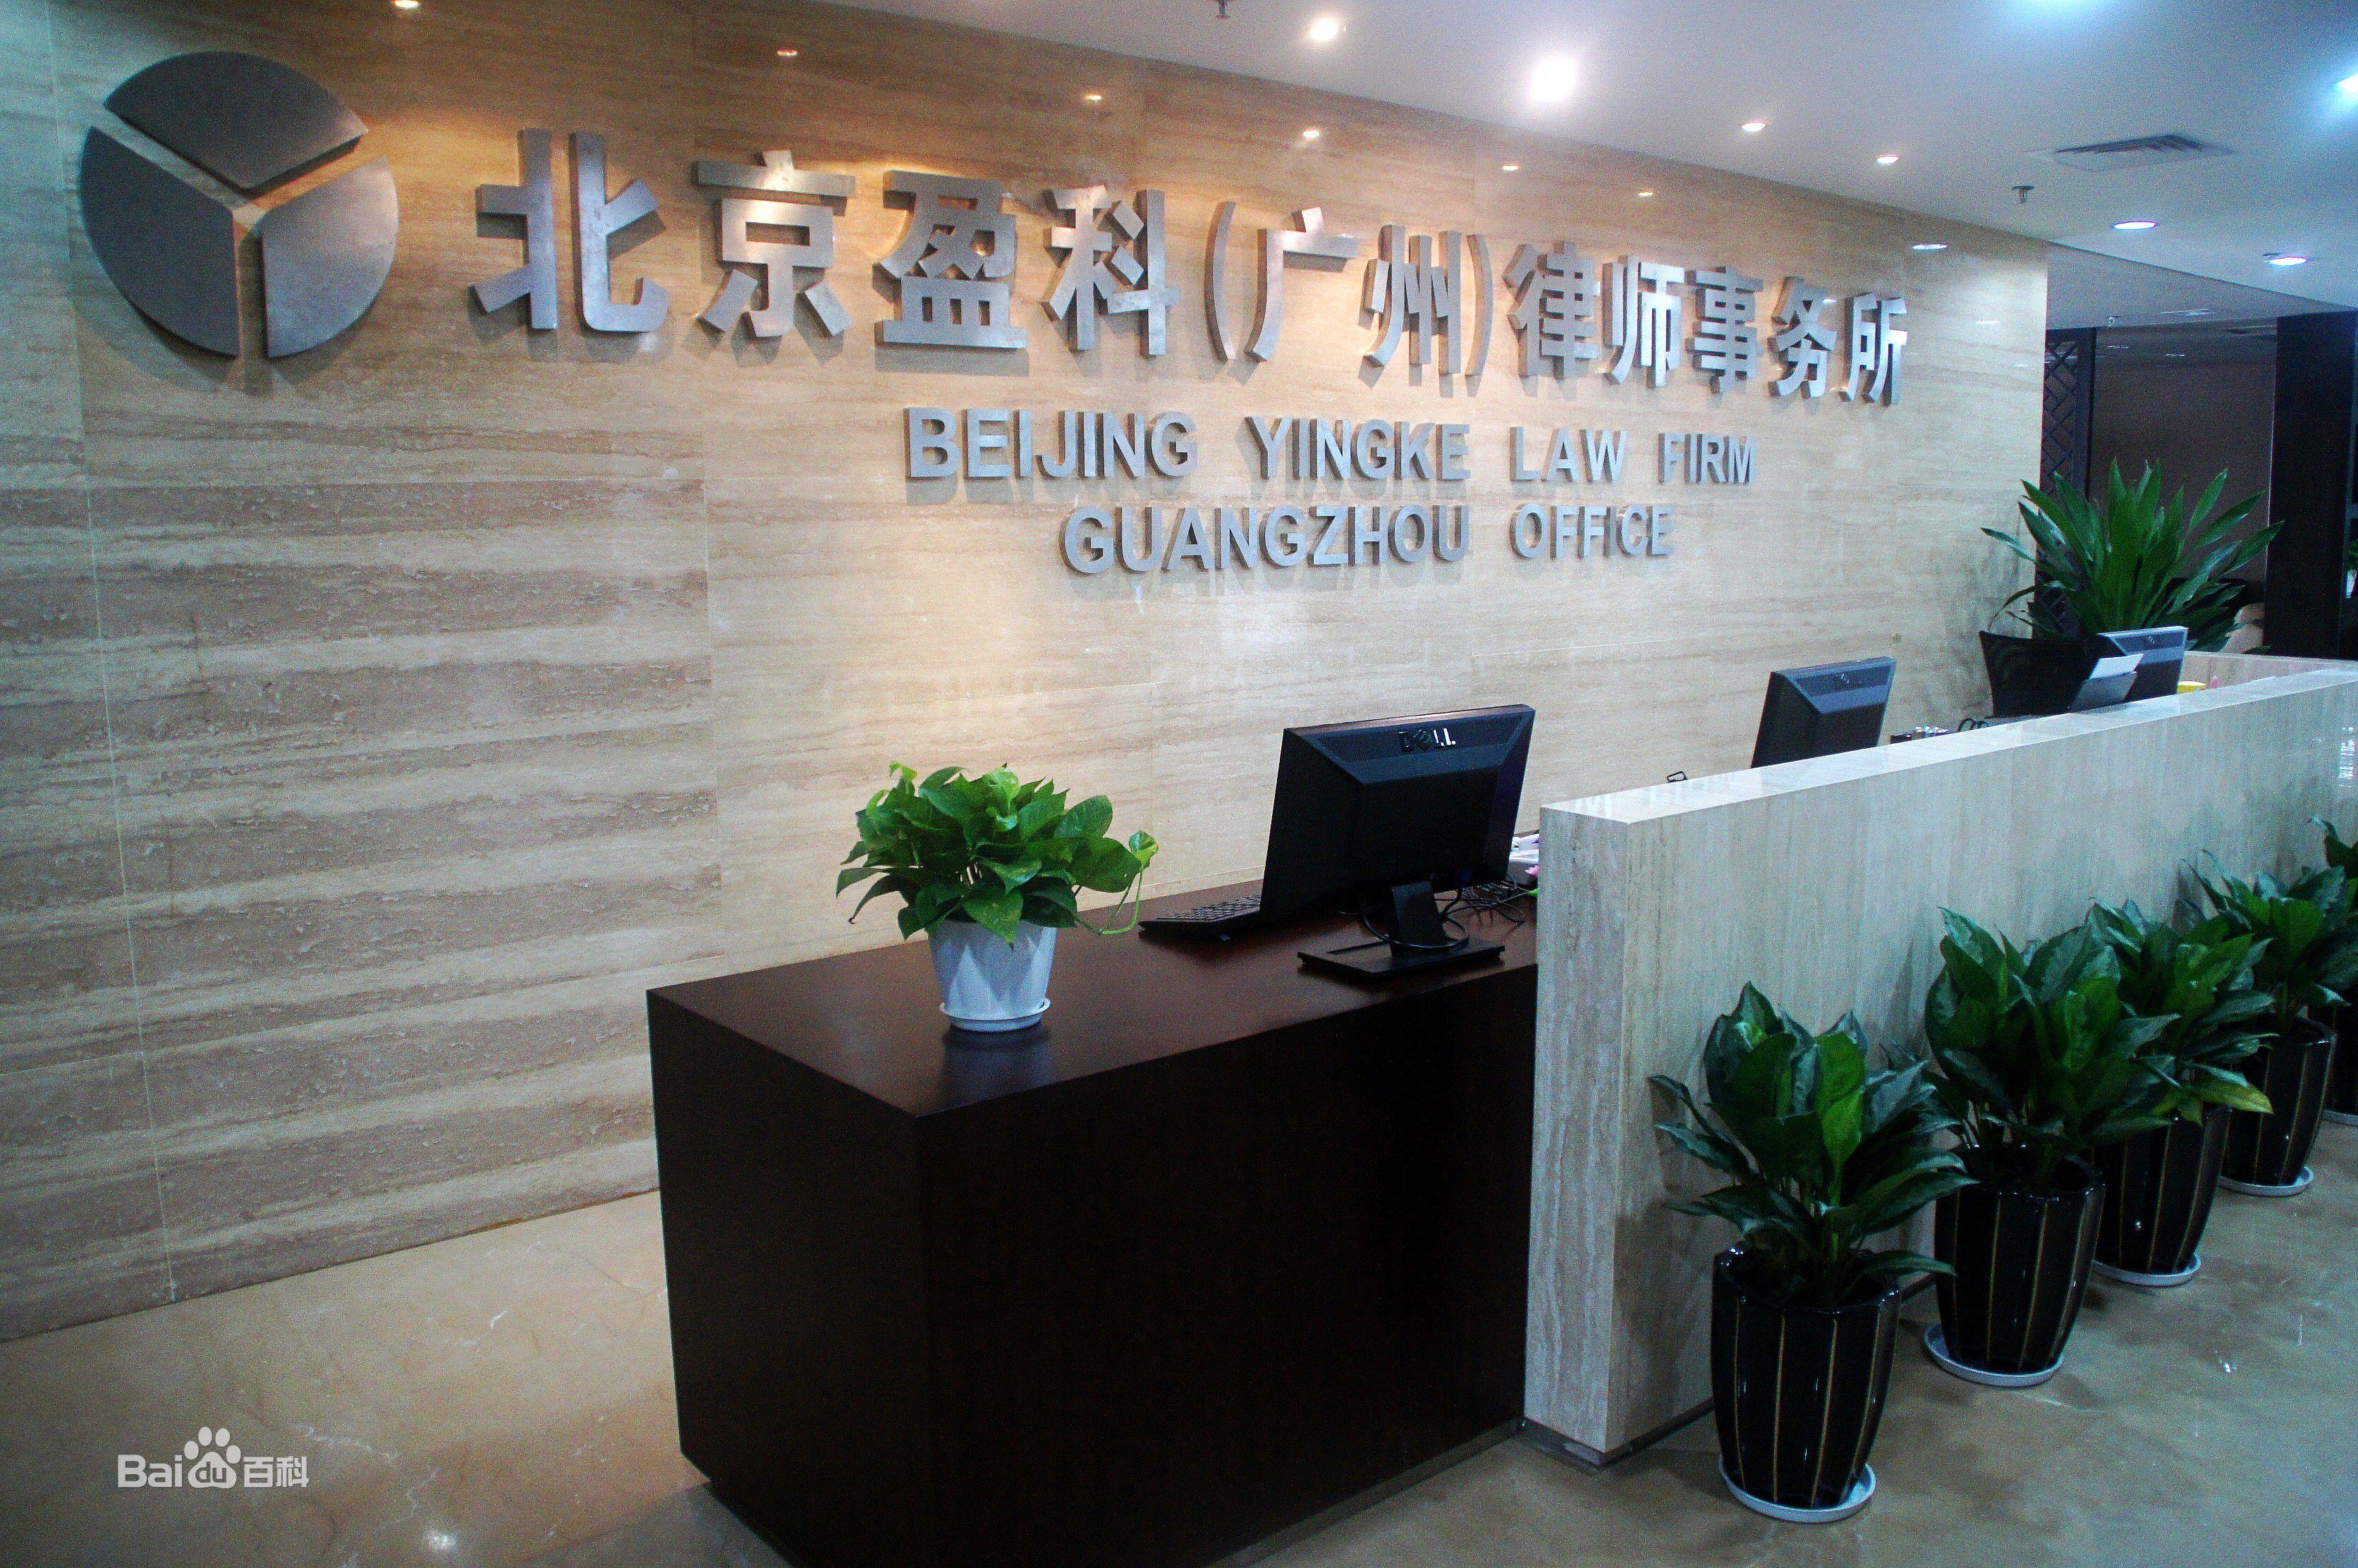 北京市盈科(广州)律师事务所前台